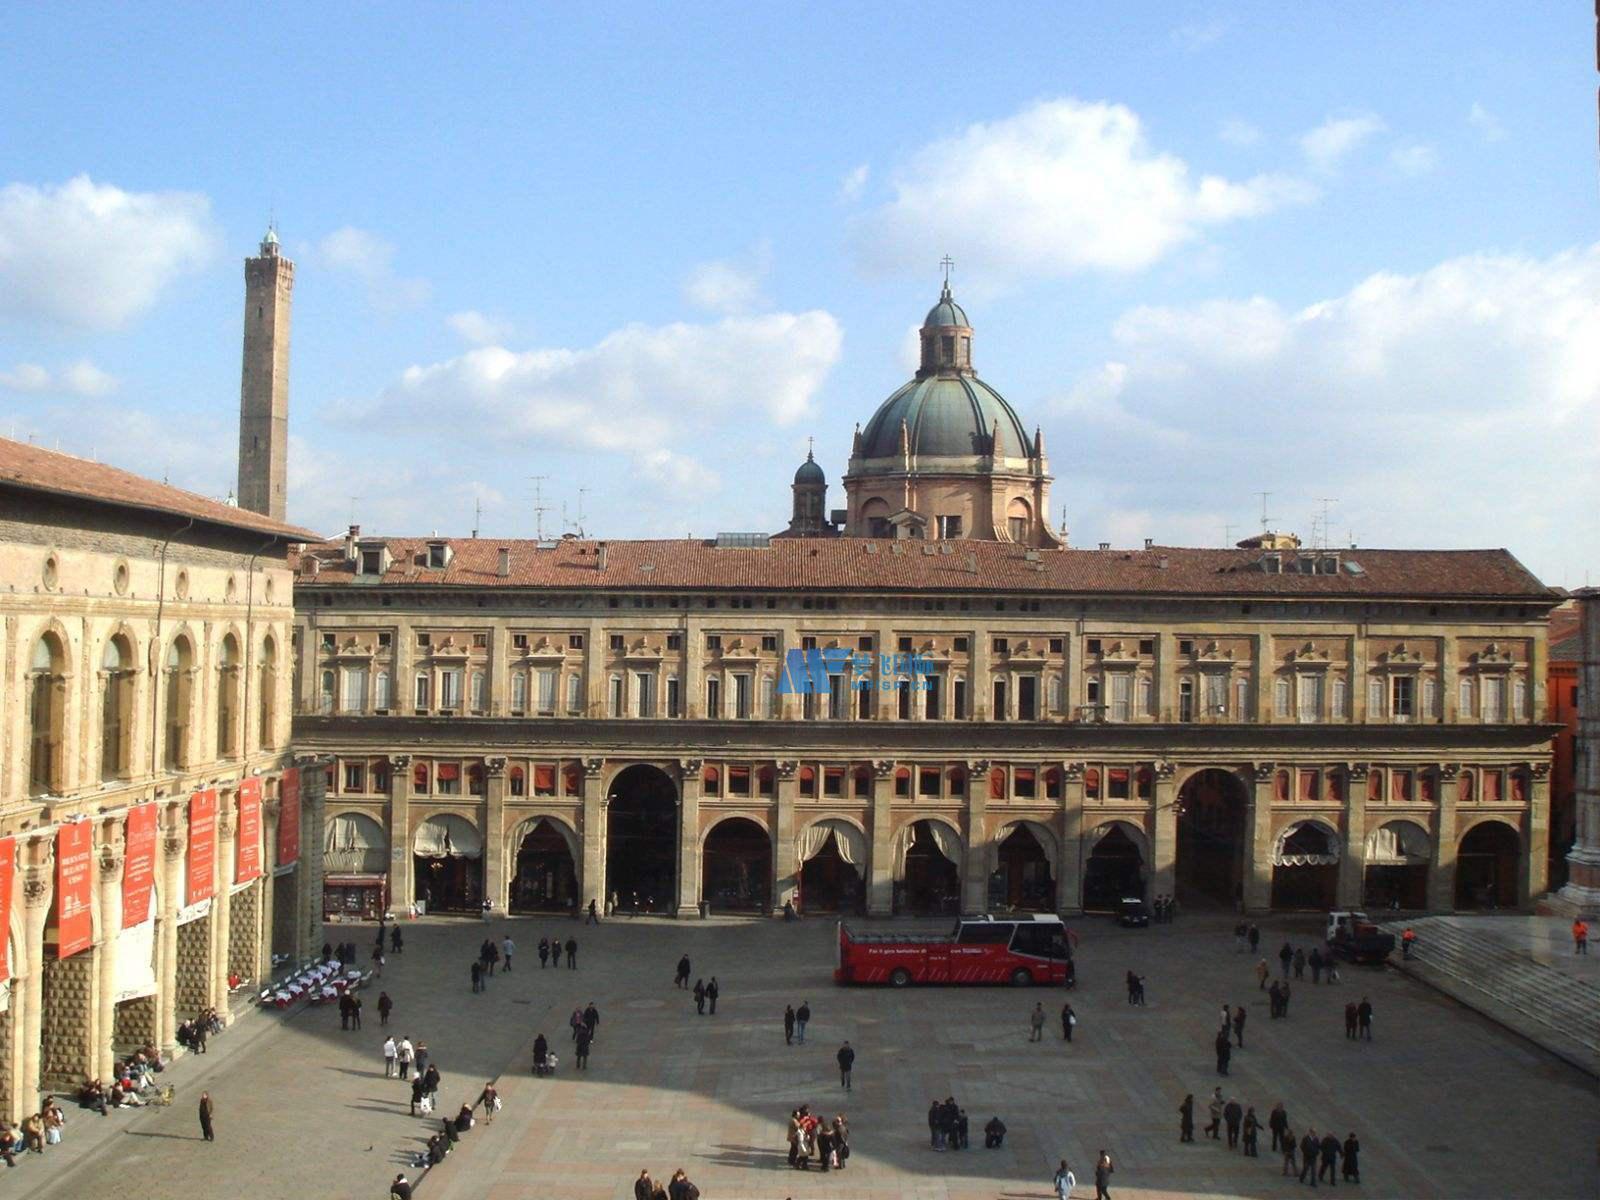 [意大利院校] University of Bologna 博洛尼亚大学